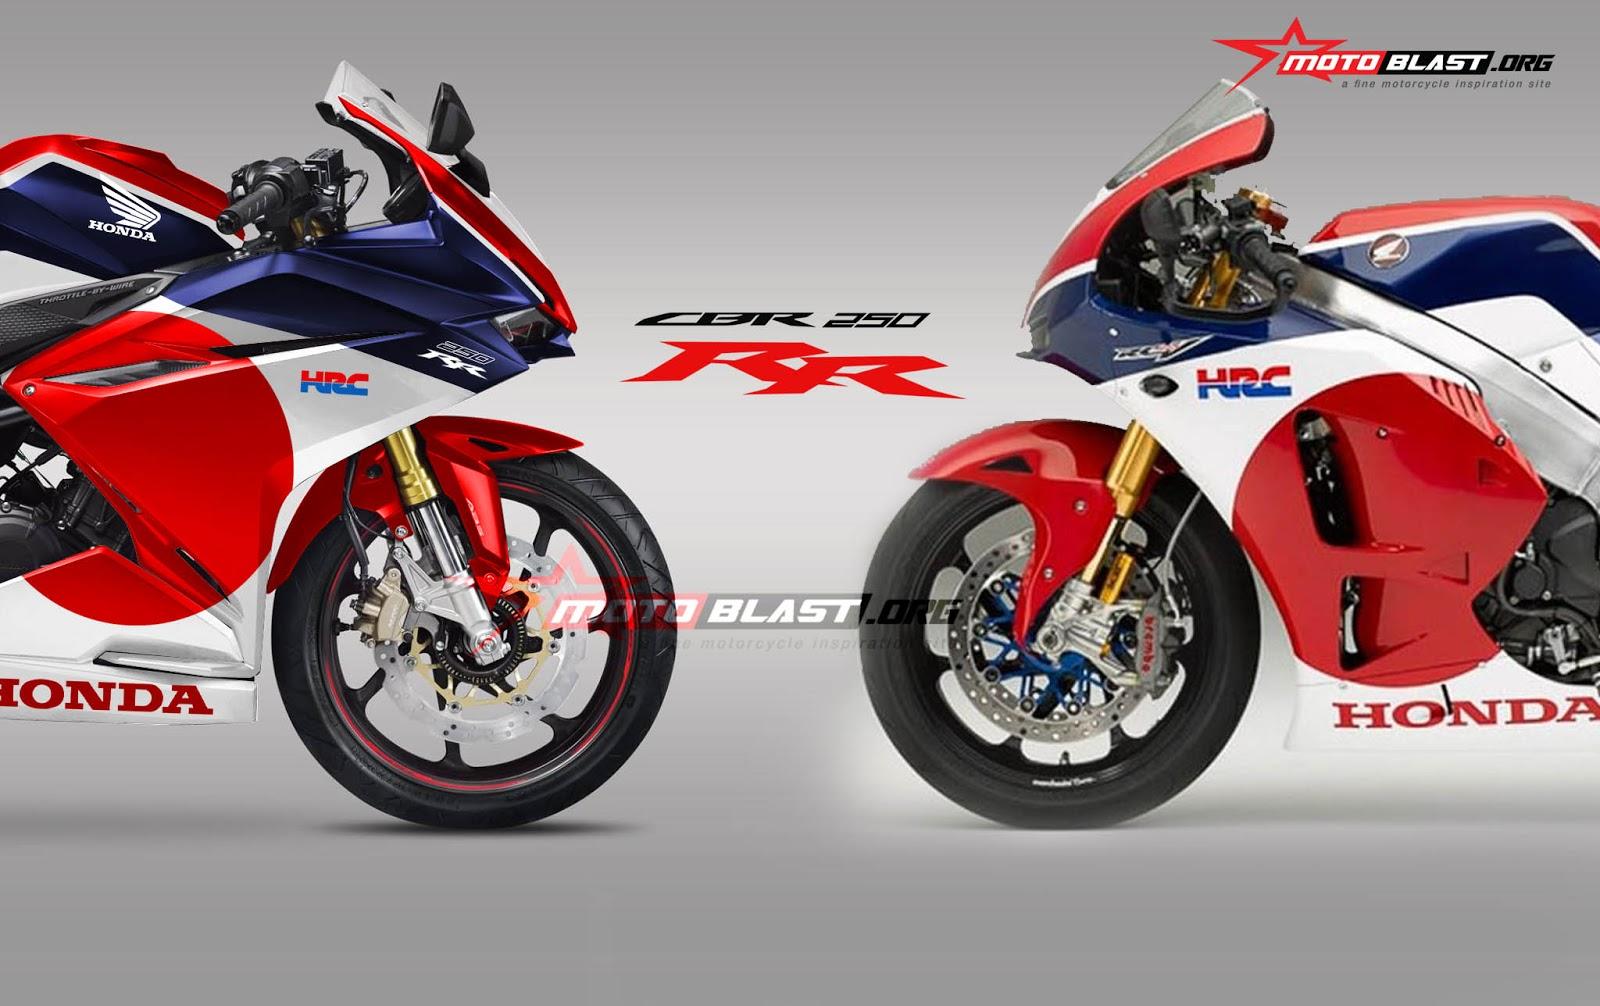 Modifikasi All New Honda CBR250RR Livery RWB Otoferycom